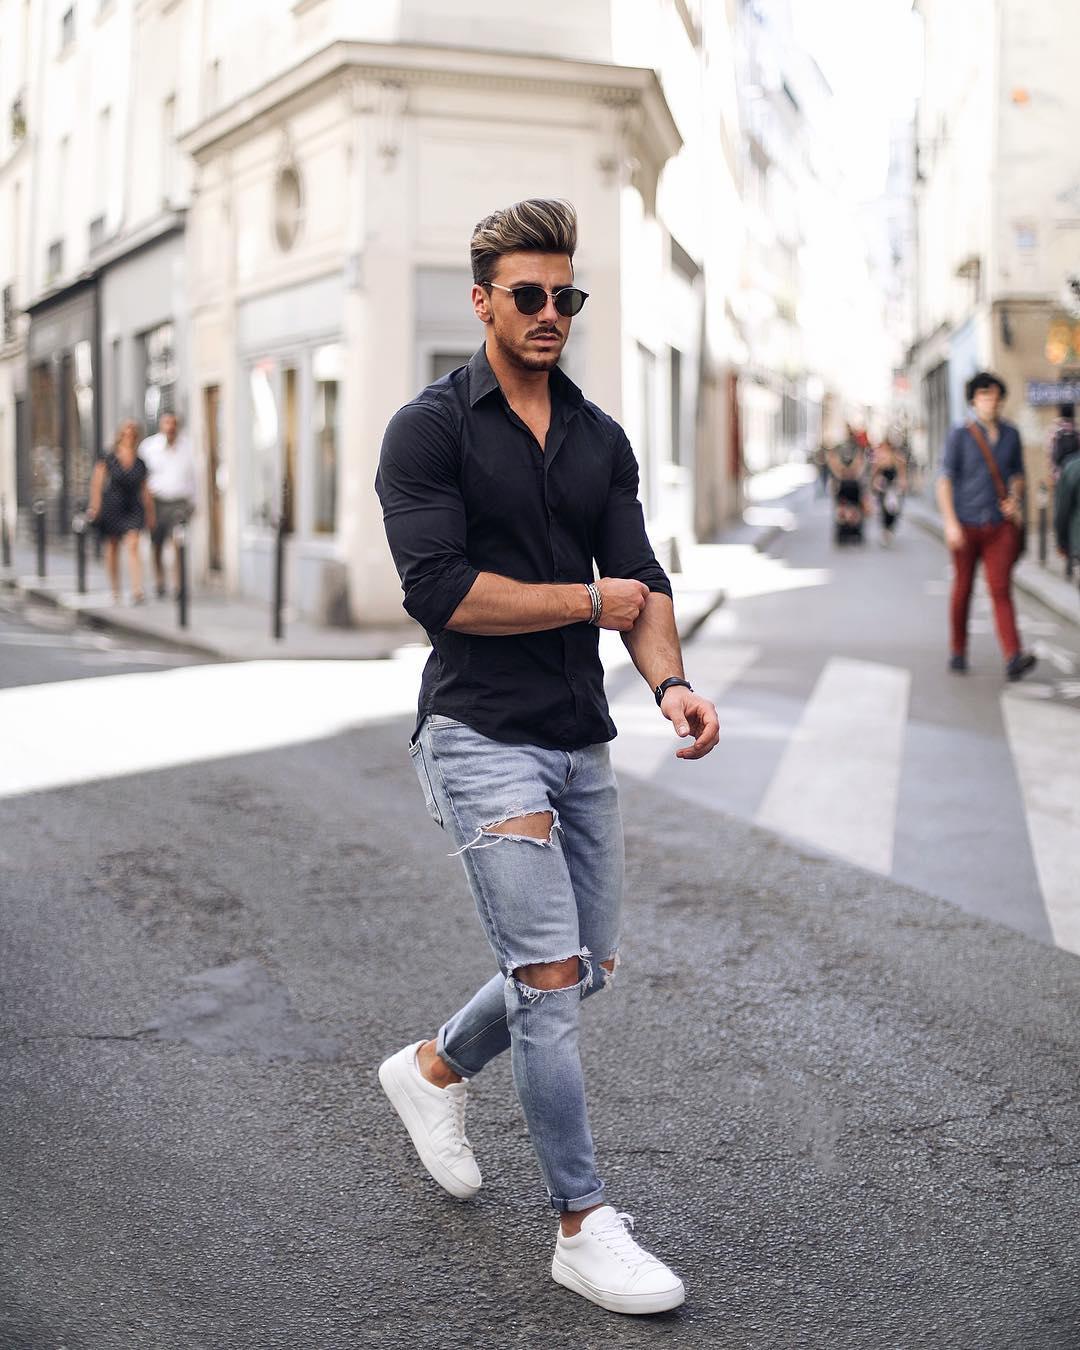 8 tips phối đồ giúp chàng định hình phong cách cực thanh lịch